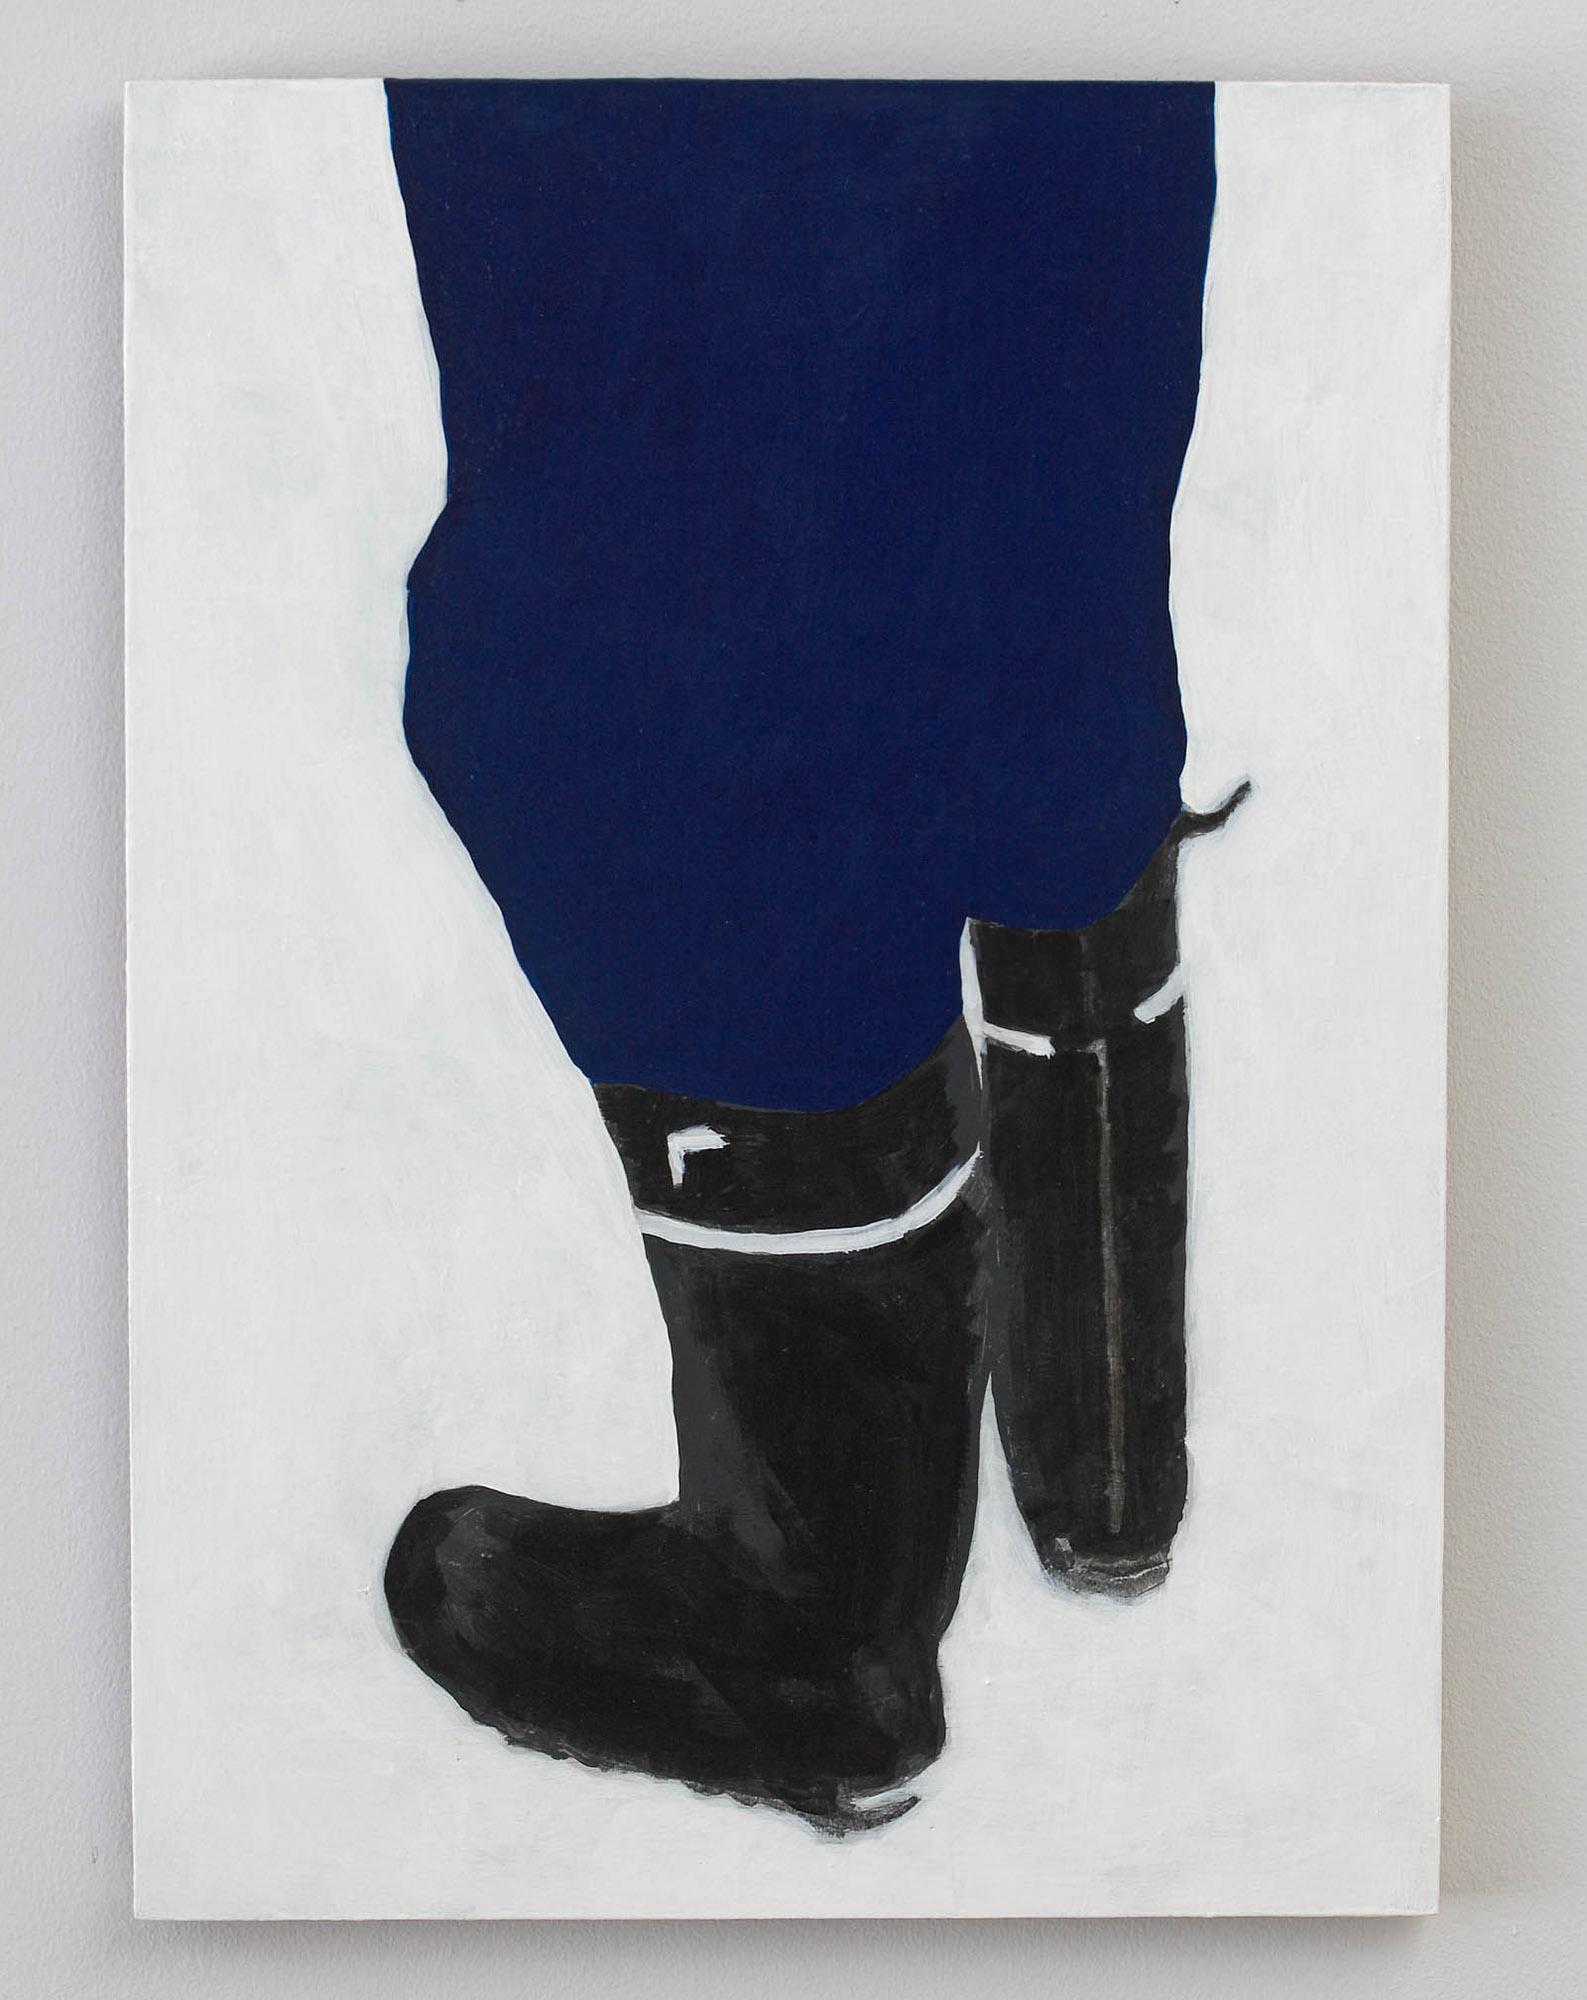 Målning med ett par blåklädda ben och svarta stövlar på vit grund. Robert Lucander, 13 målningar